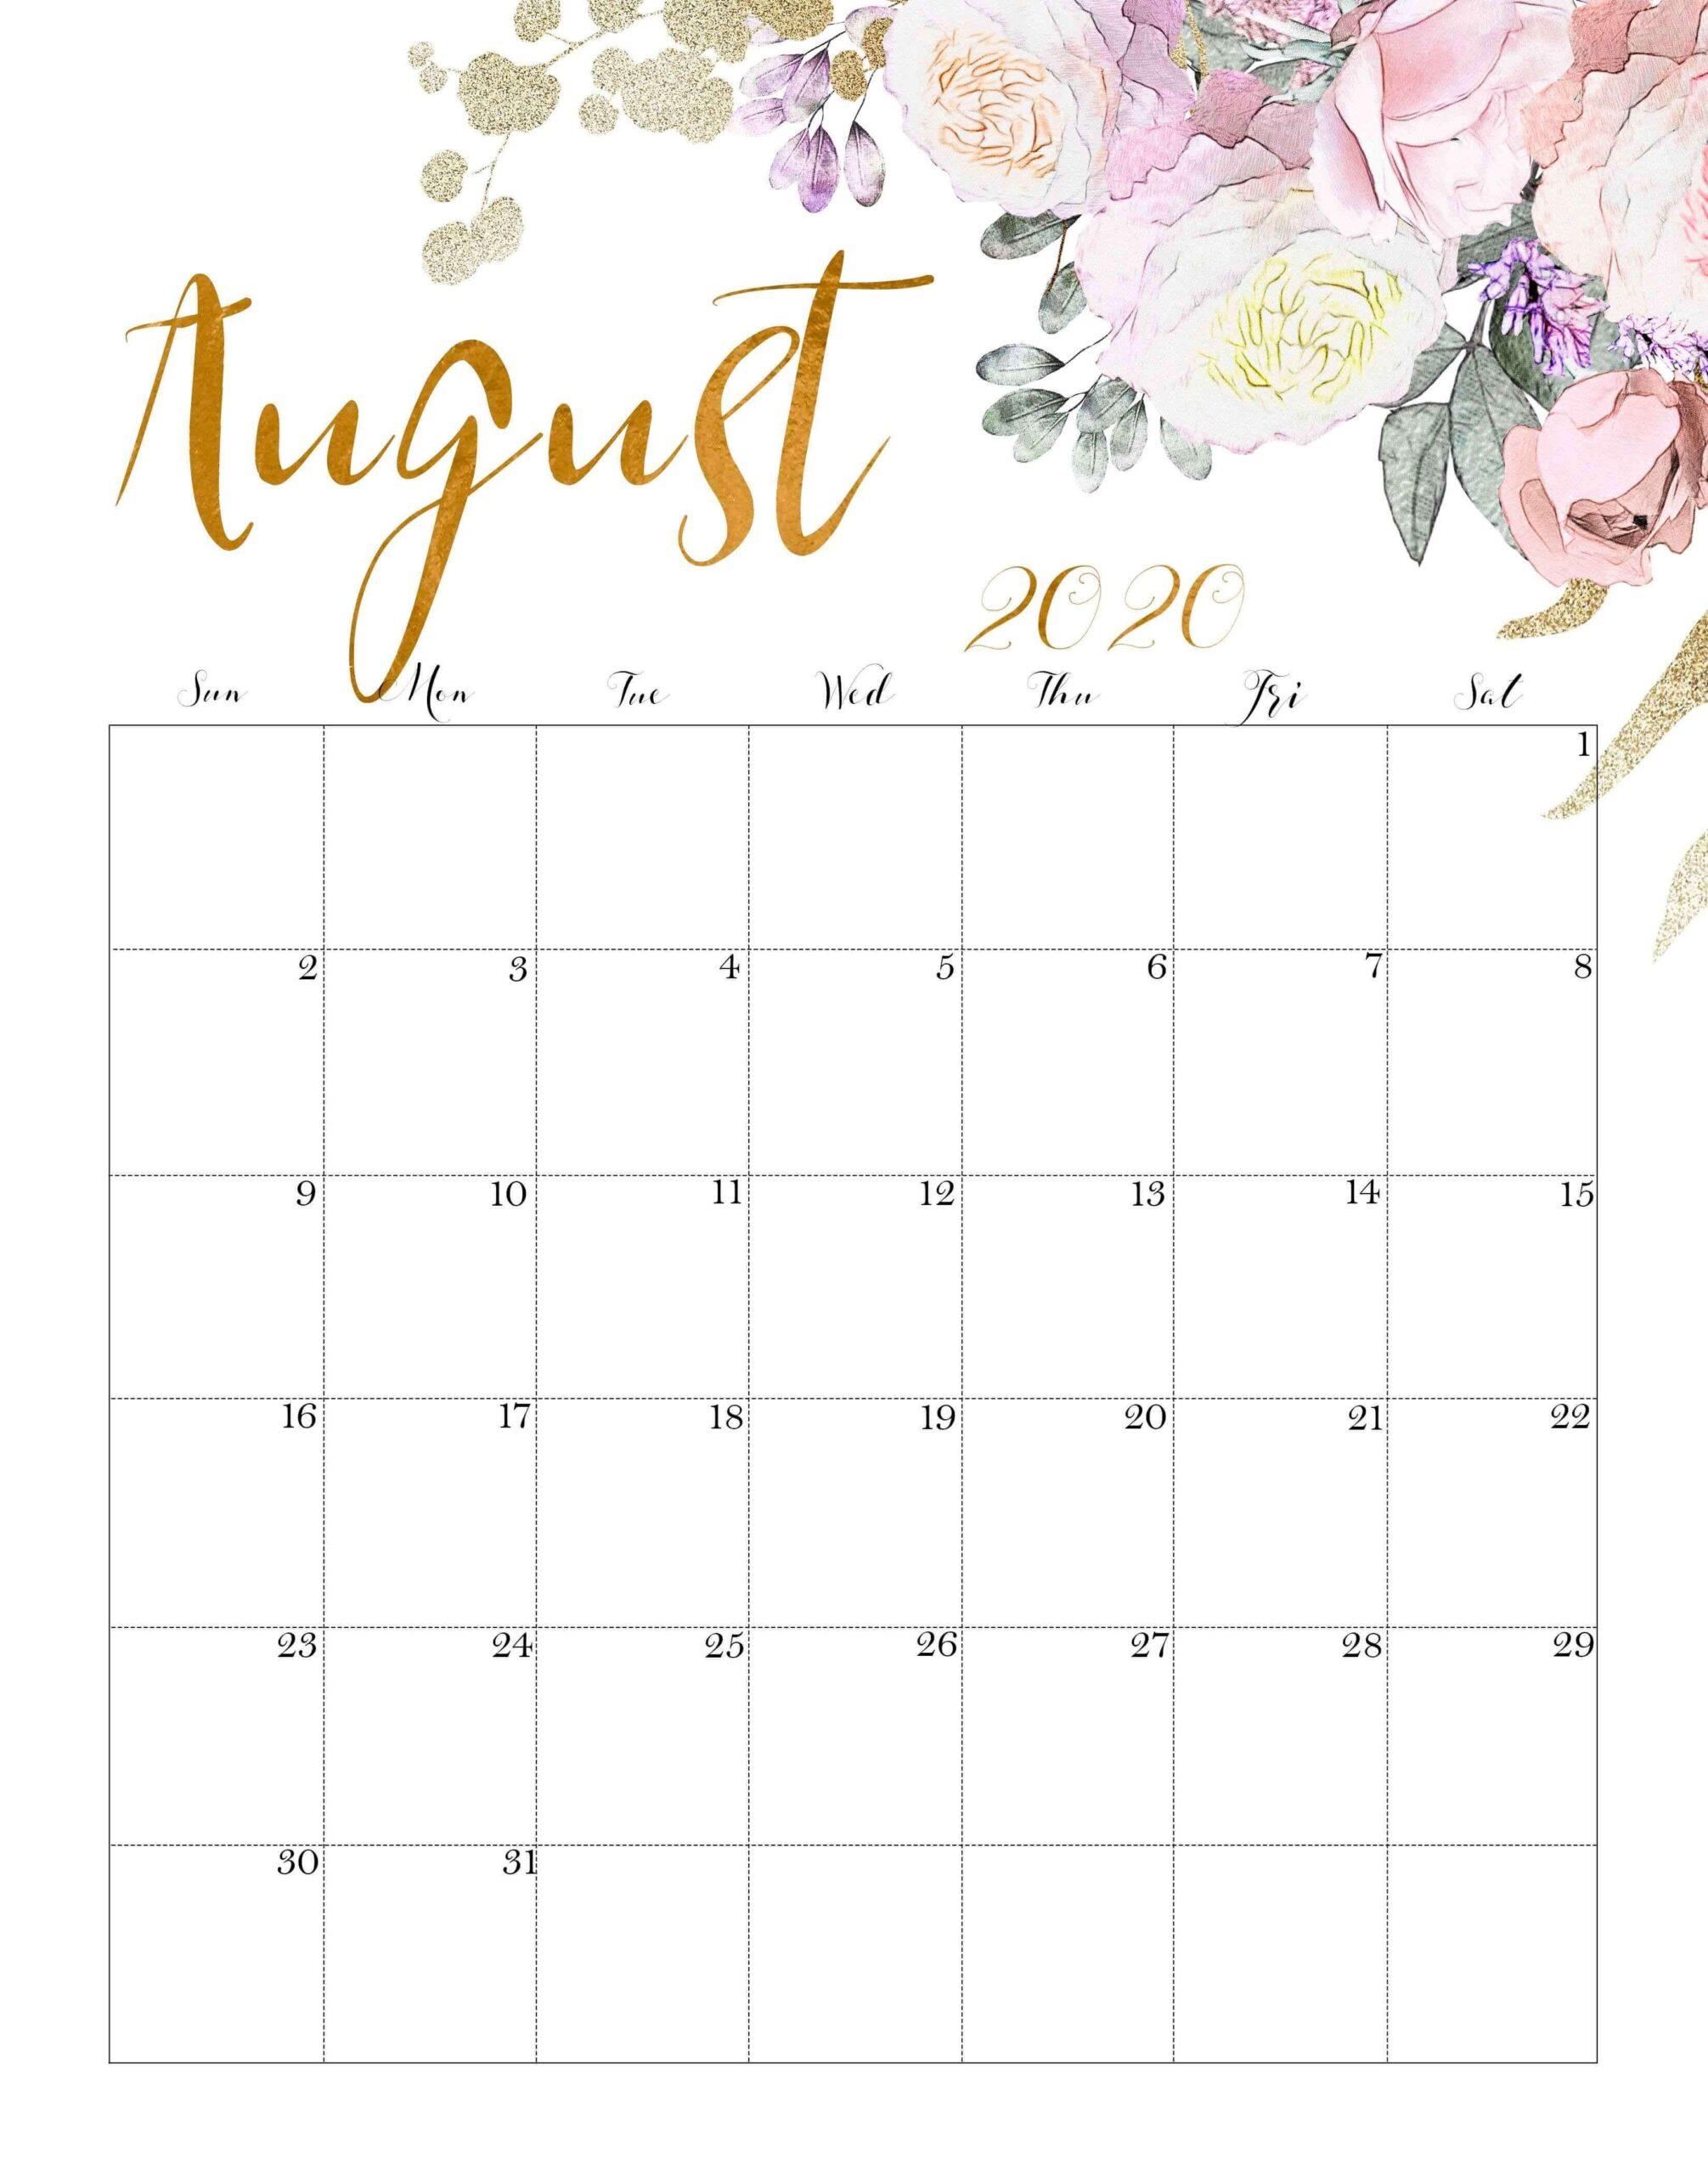 Cute August 2020 Calendar Wallpaper 1